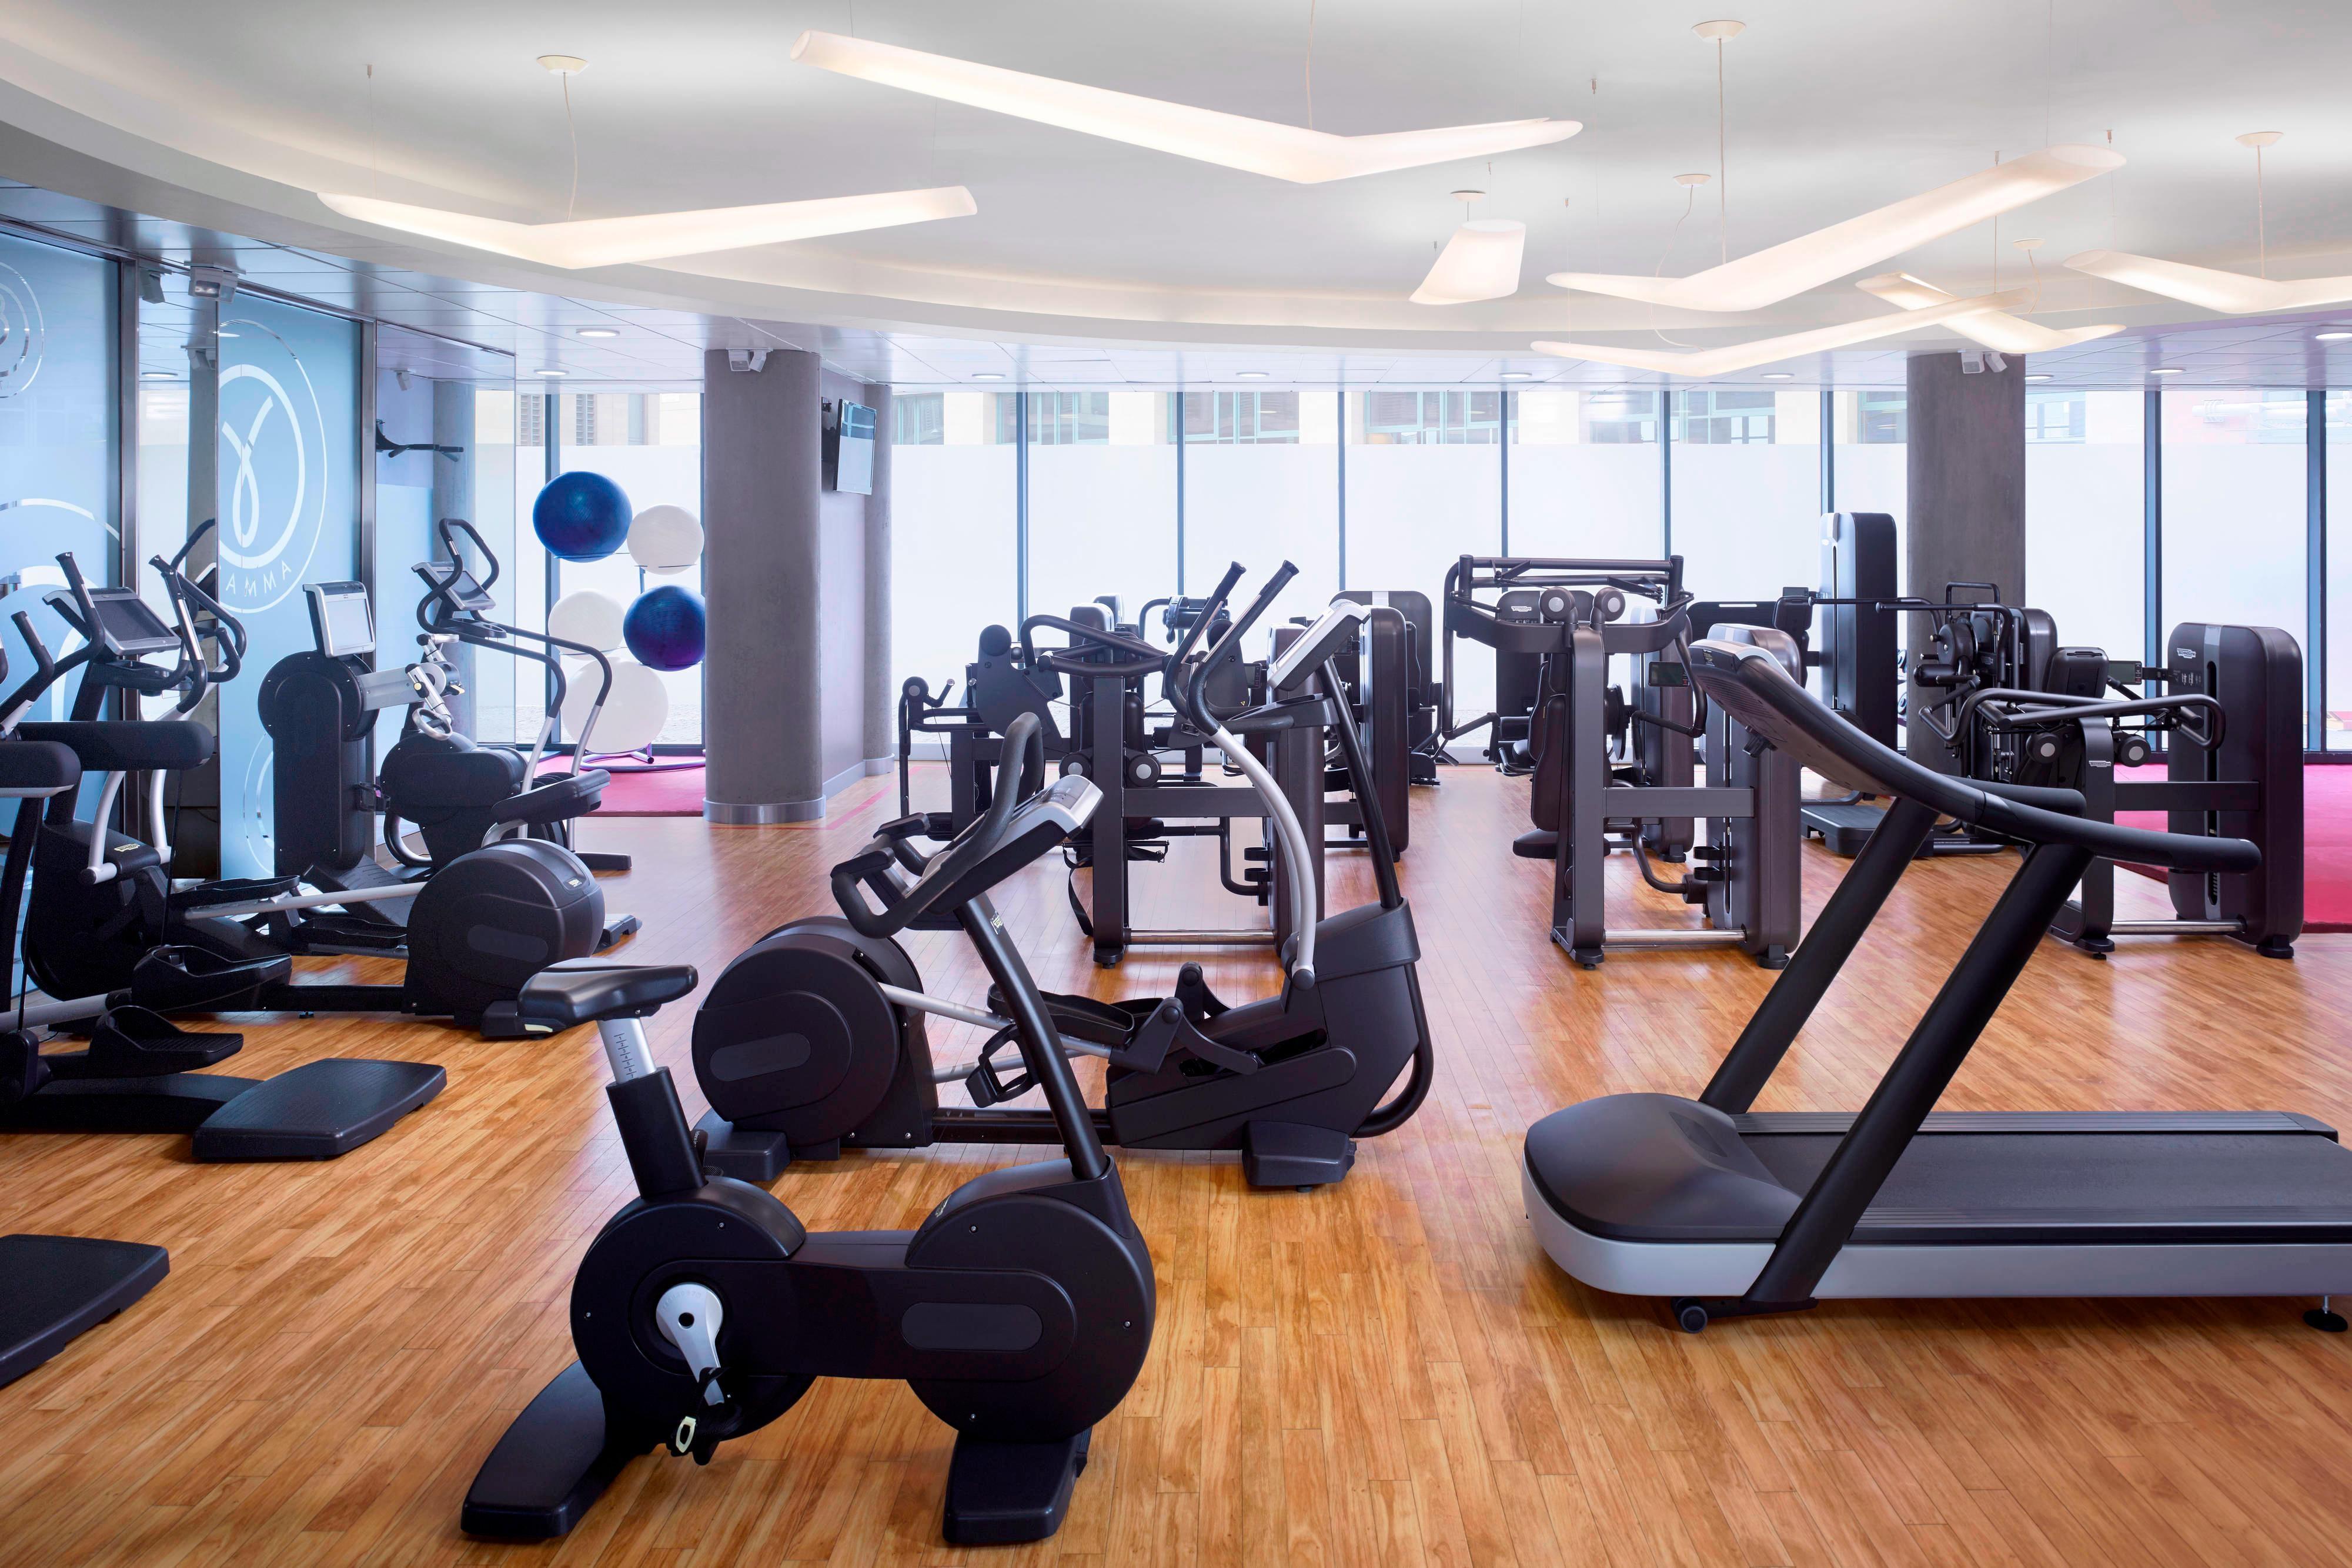 One Spa - Gym